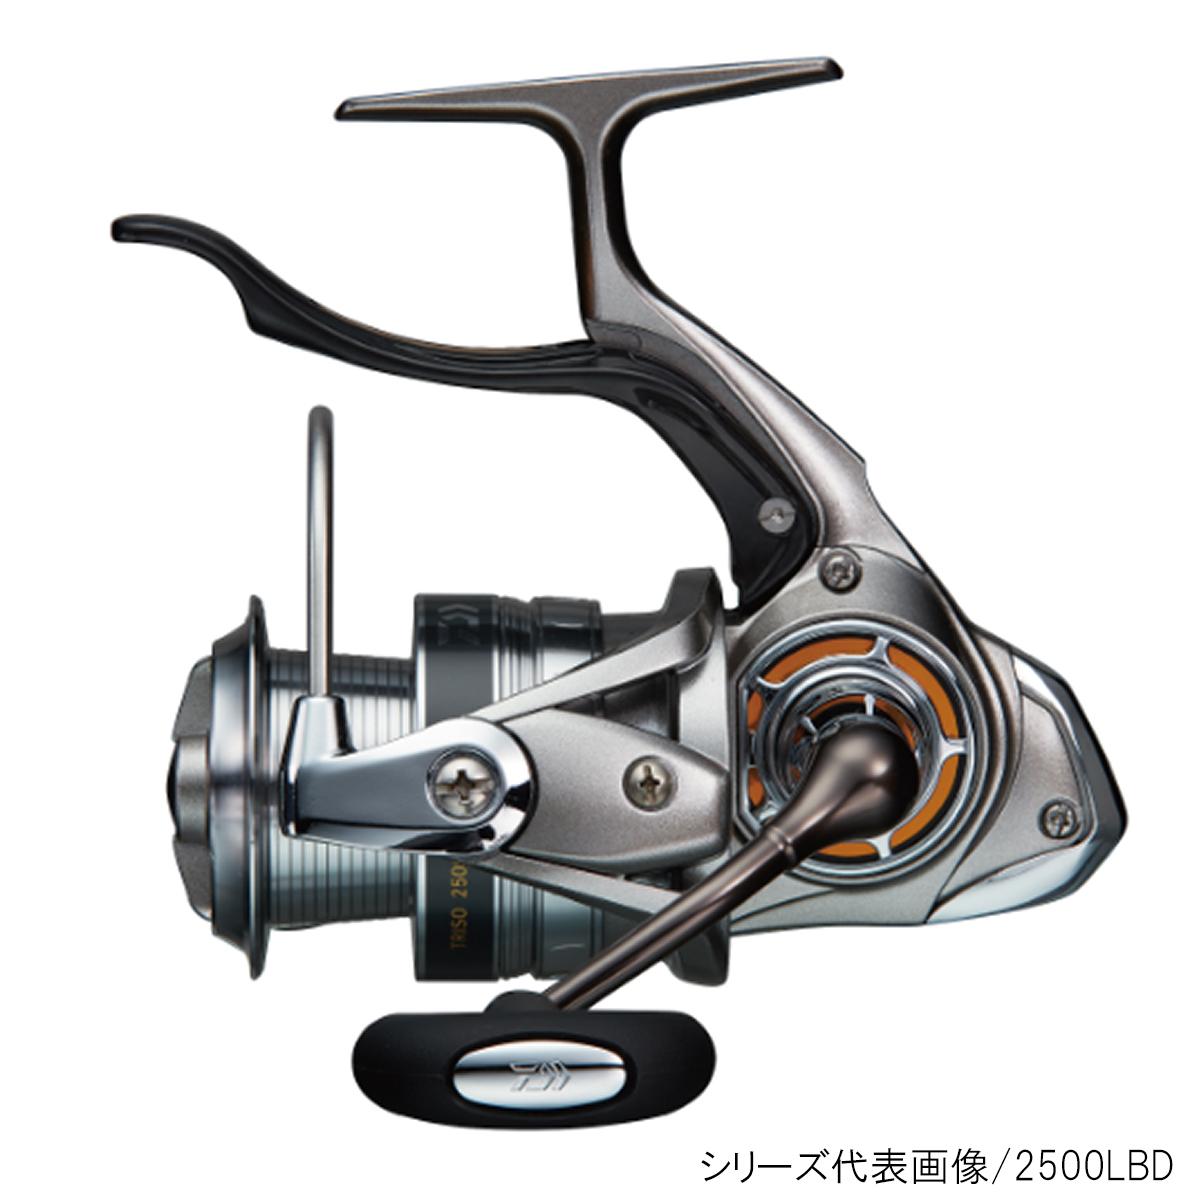 ダイワ トライソ 2500H-LBD(東日本店)